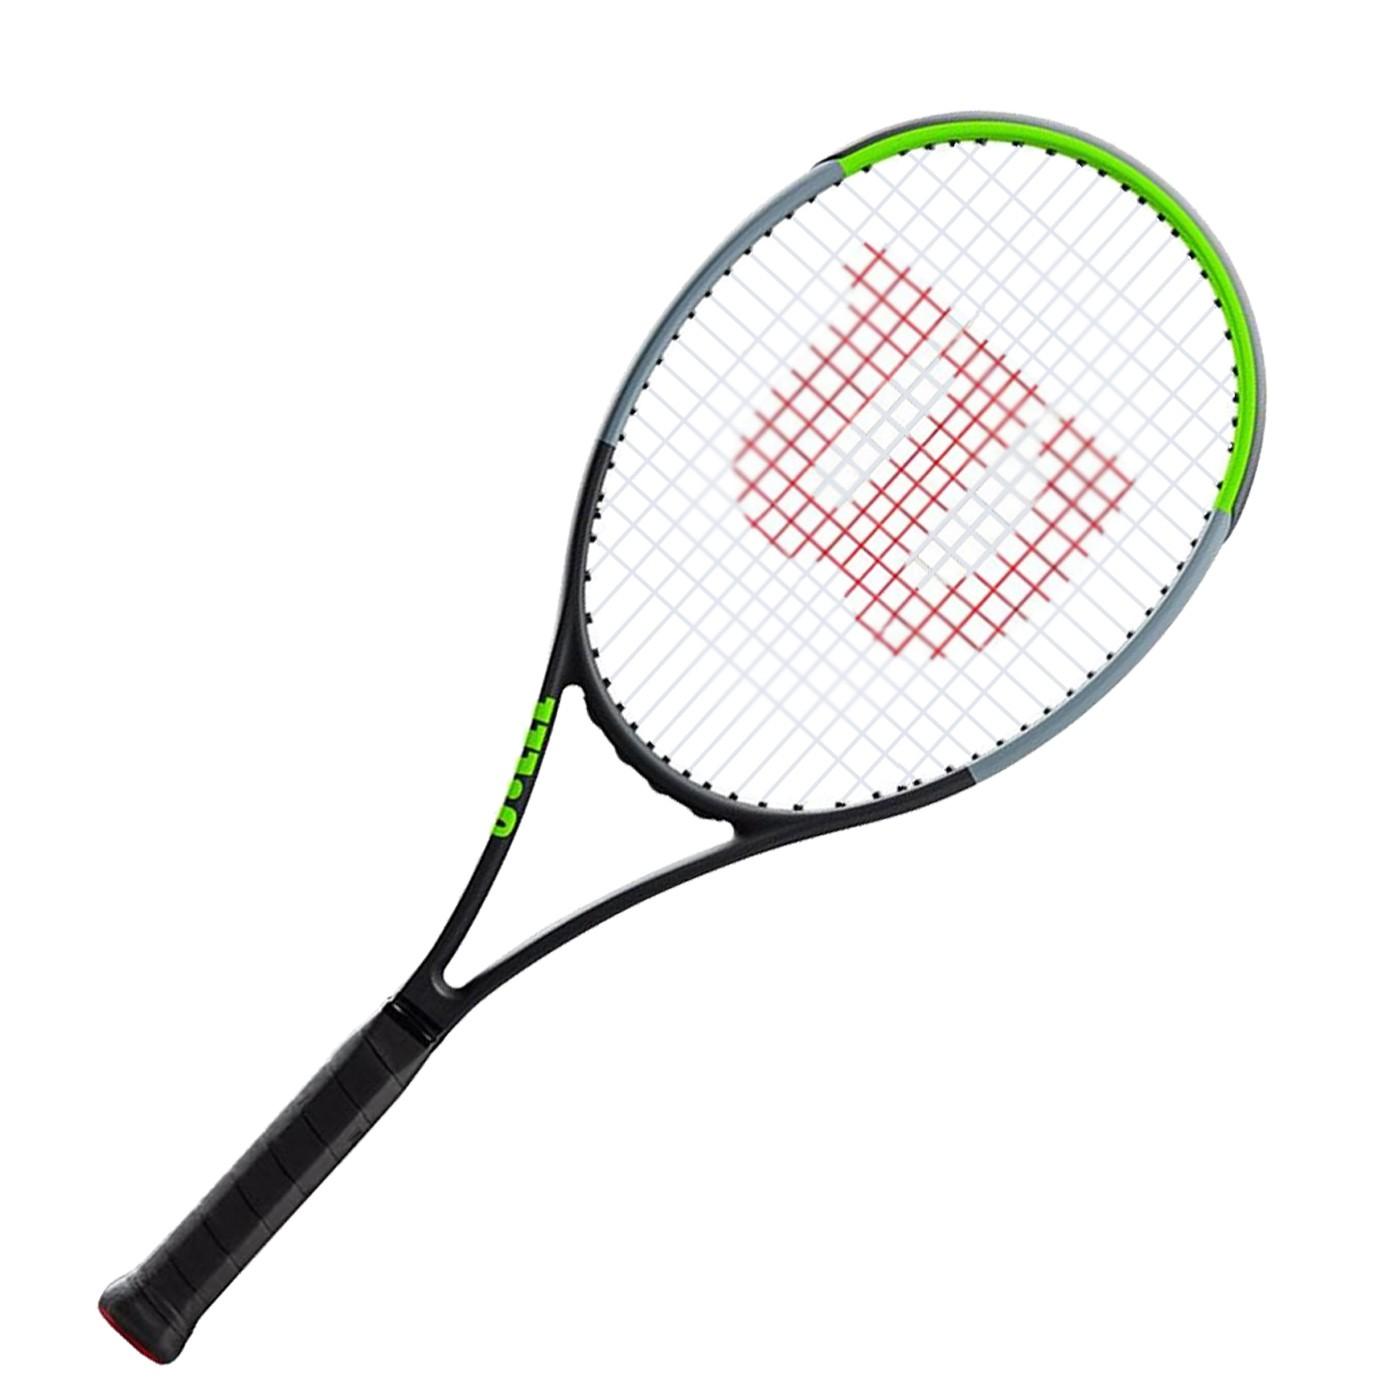 Raquete de Tênis Wilson Blade V7 98 (16X19) ( FRETE GRÁTIS)